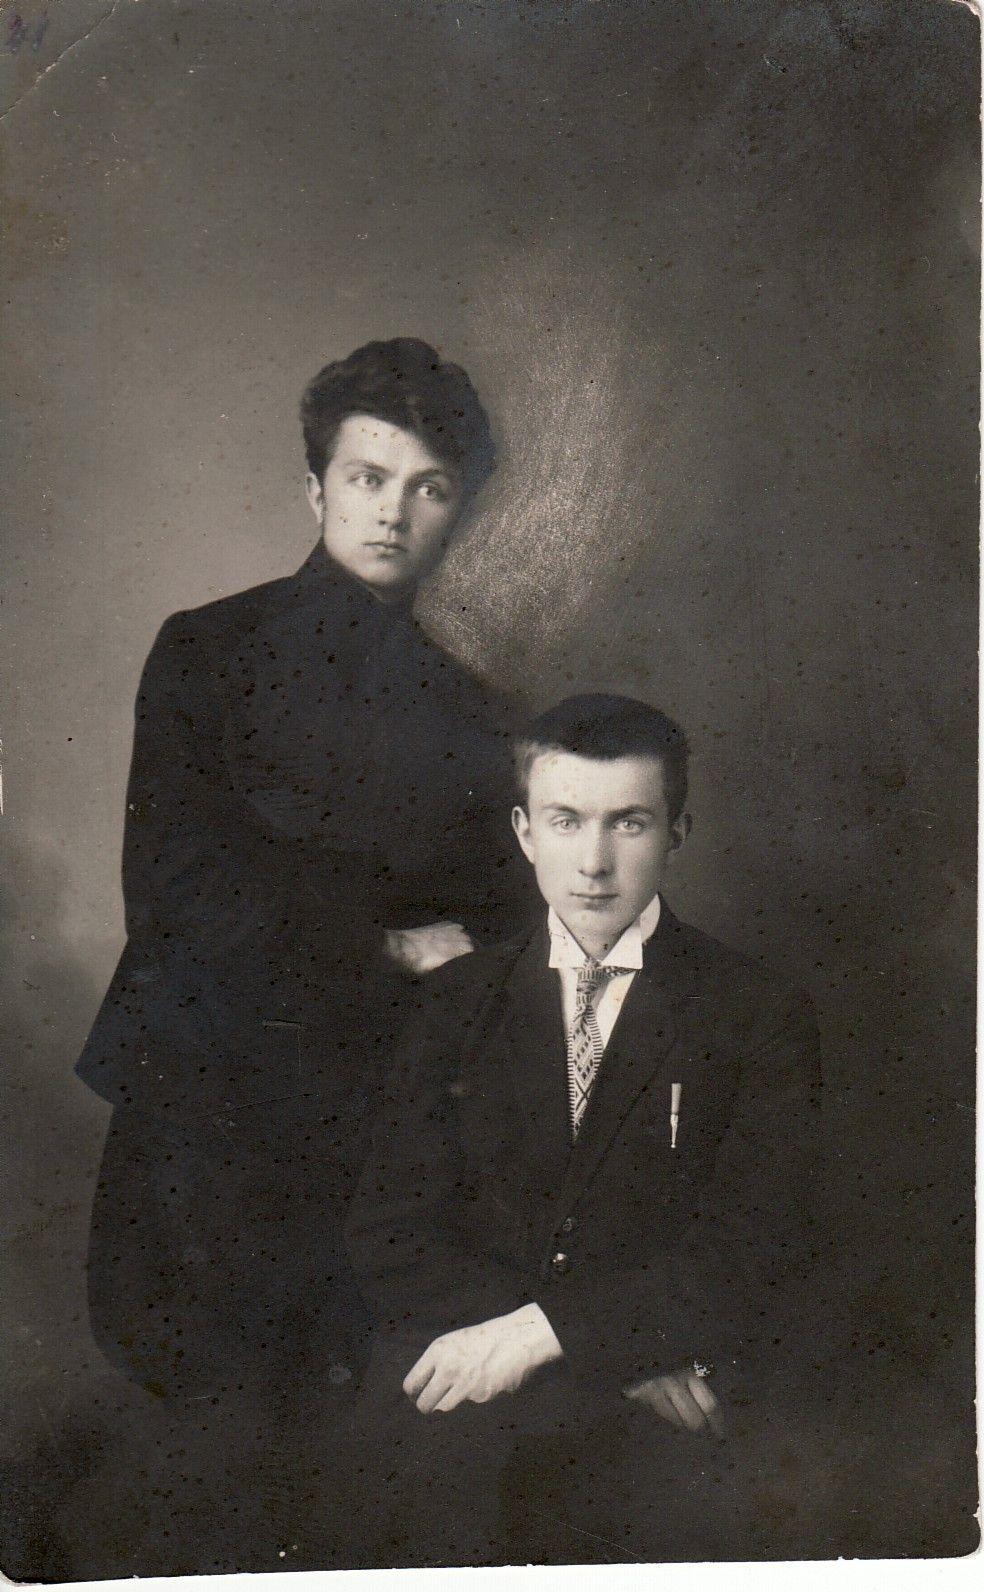 Panevėžio valstybinės gimnazijos moksleivis B. Bučas (stovi) su mokslo draugu. Panevėžio kraštotyros muziejaus nuotr.